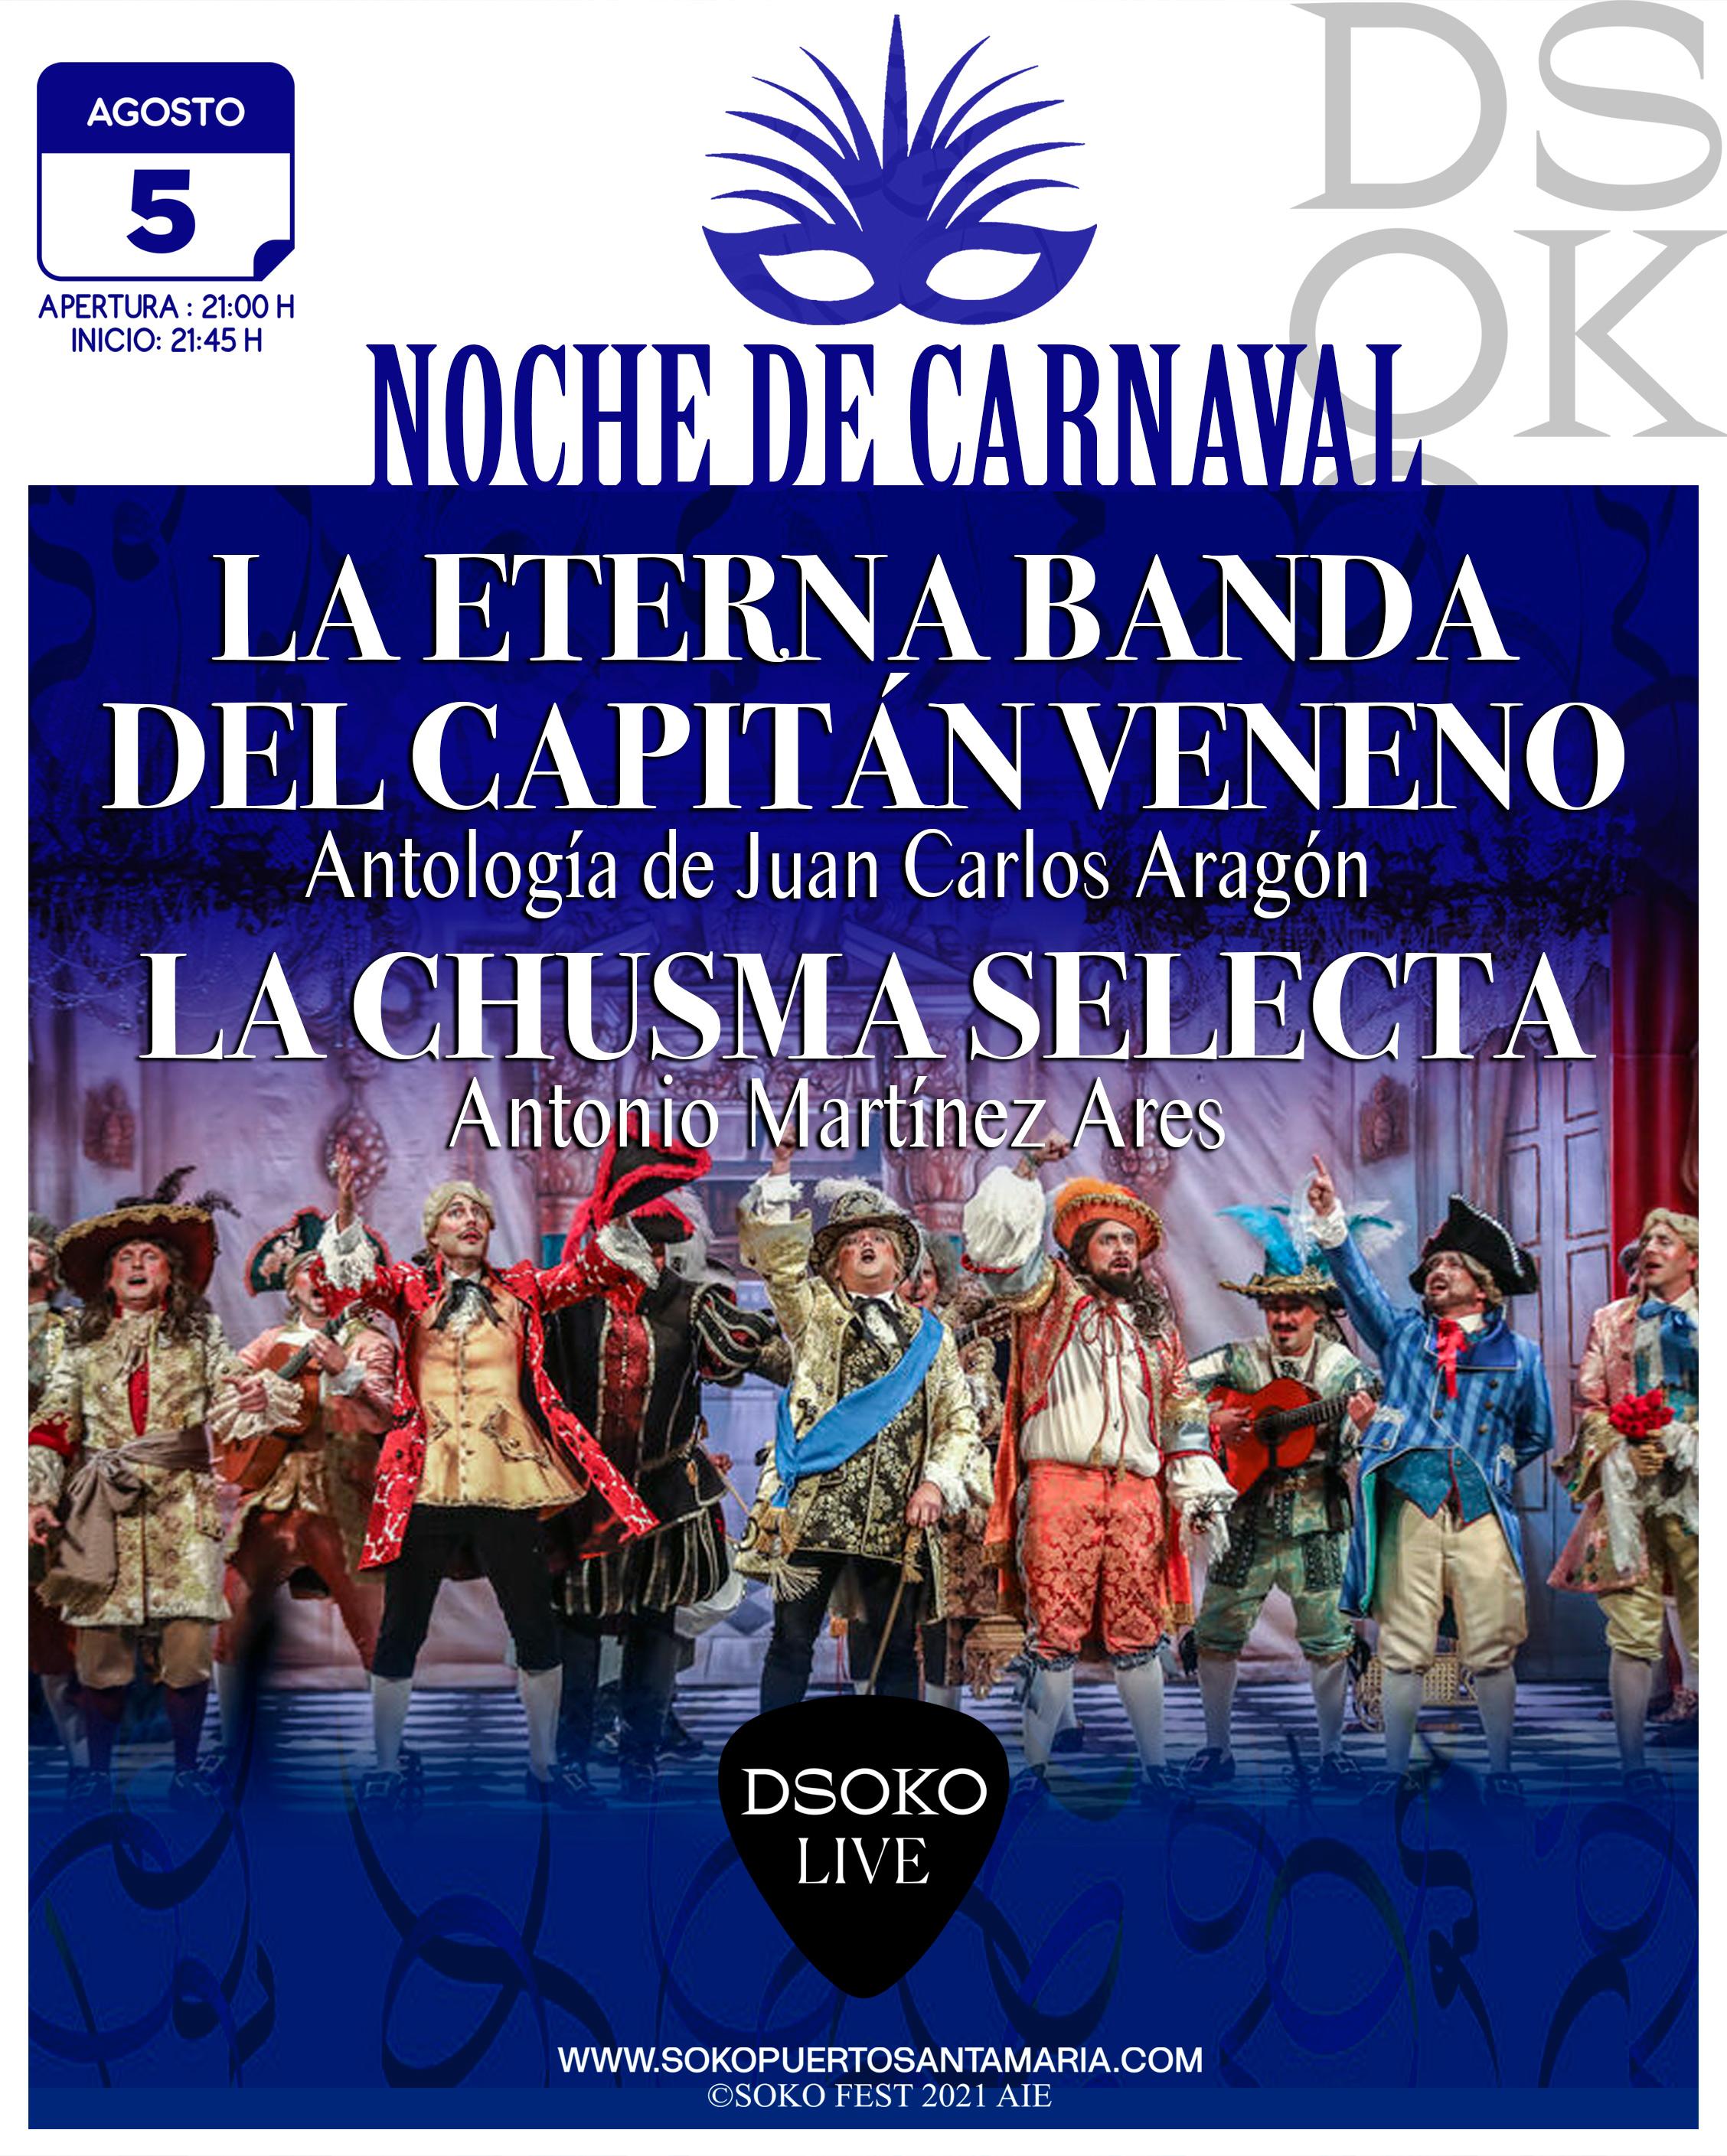 carnaval-antologia-del-vapor-y-la-eterna-banda-del-capitan-venen-60951c5b867e5.jpeg